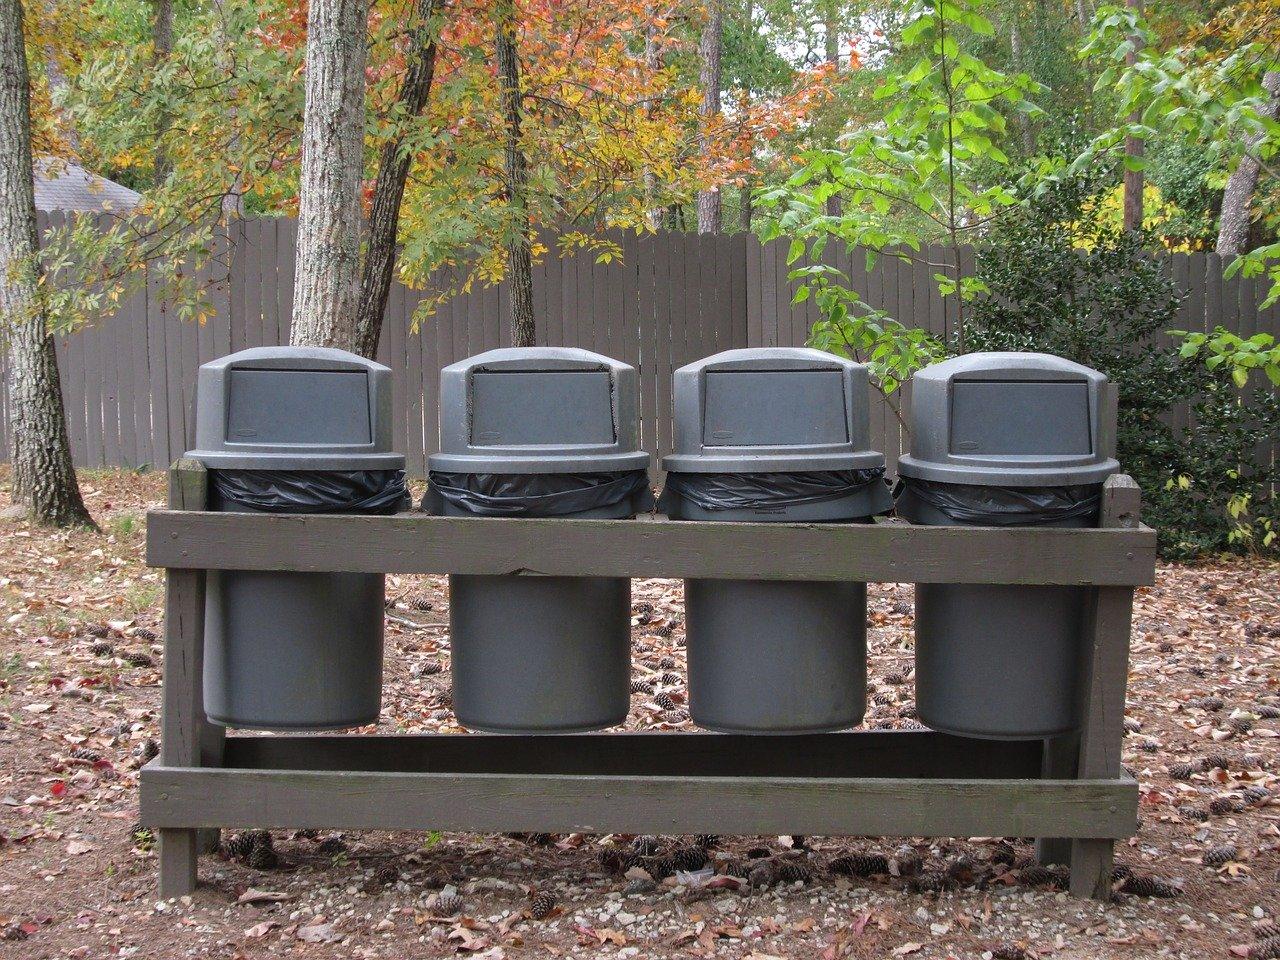 Moderne Mülleimer mit automatischem Deckel sind um einiges hygienischer als herkömmliche Mülleimer.